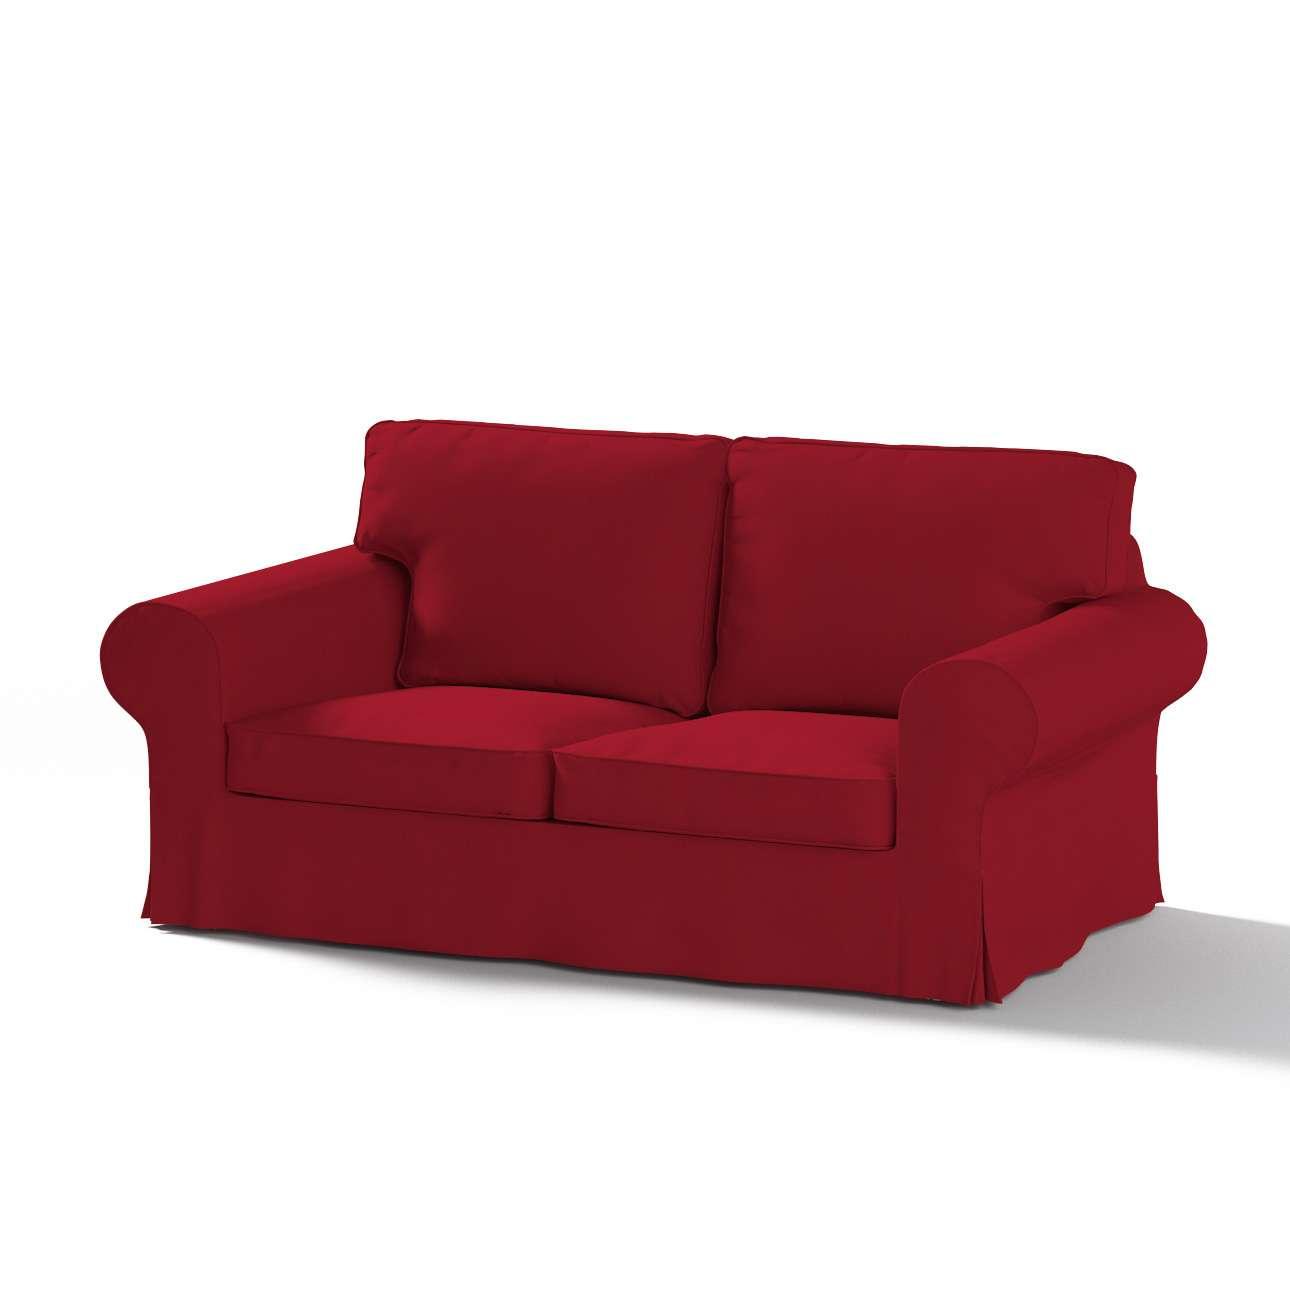 Pokrowiec na sofę Ektorp 2-osobową, rozkładaną, model do 2012 w kolekcji Chenille, tkanina: 702-24